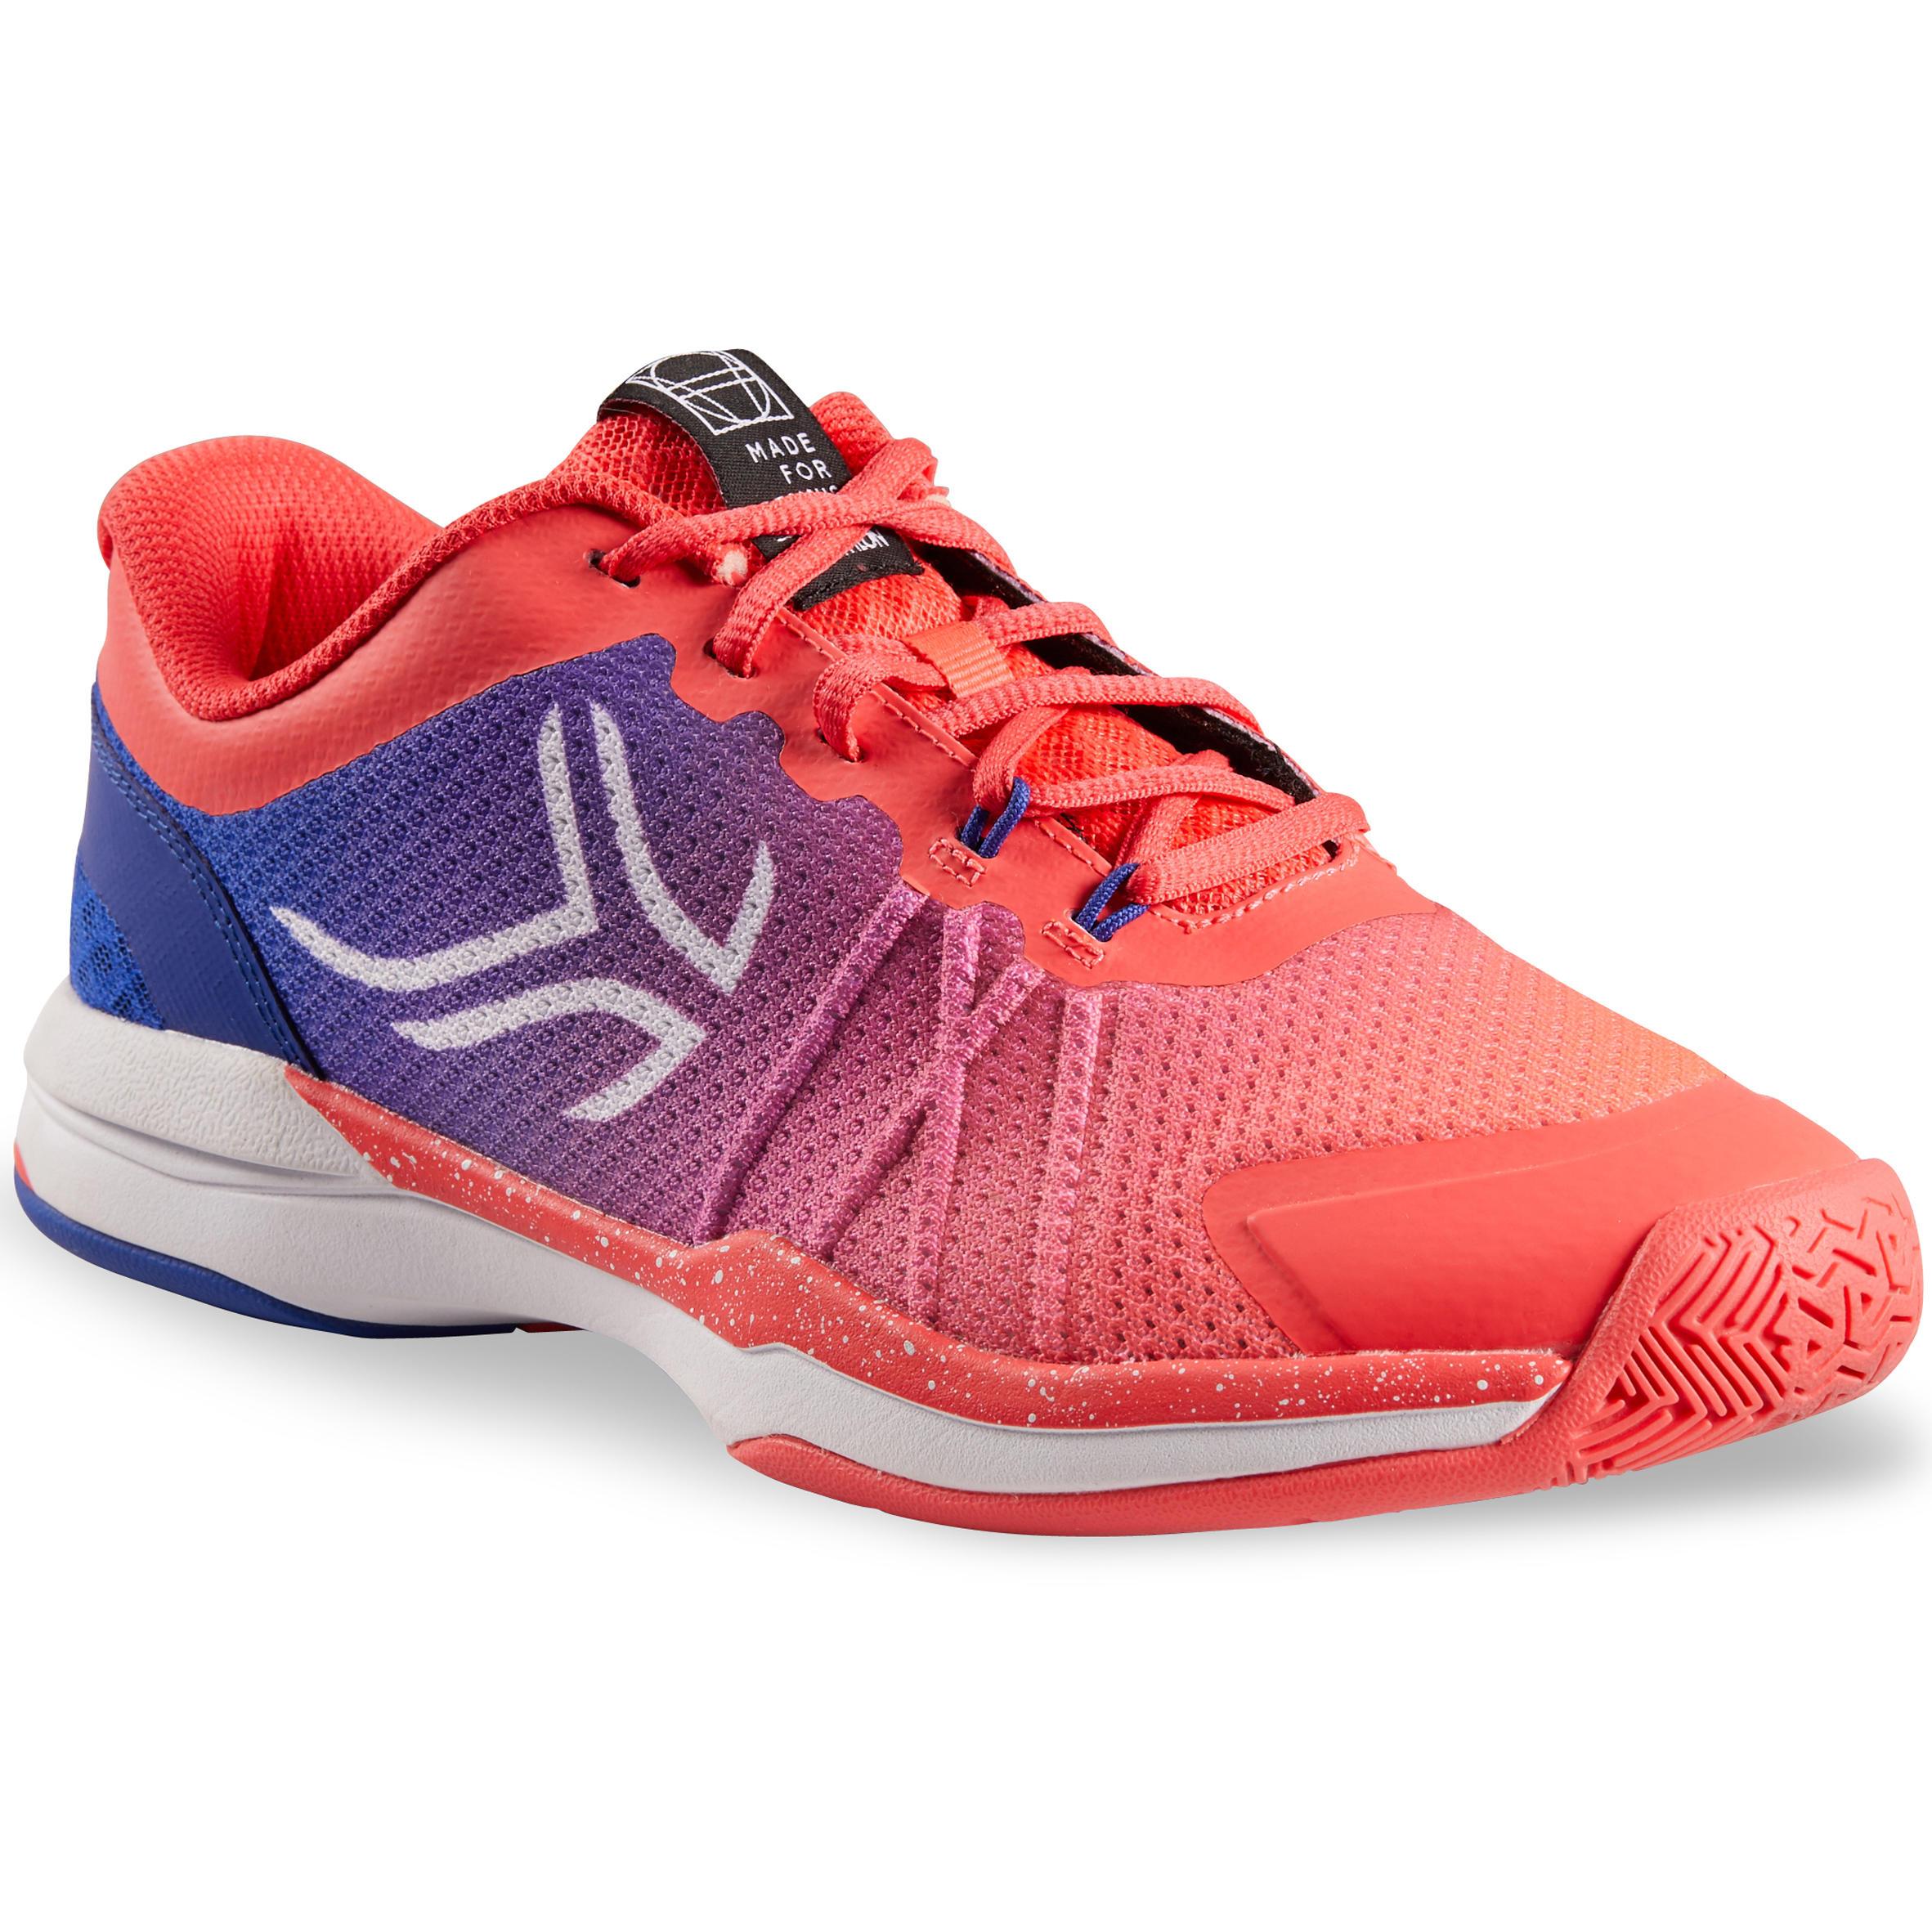 Artengo Tennisschoenen voor dames TS 590 roze